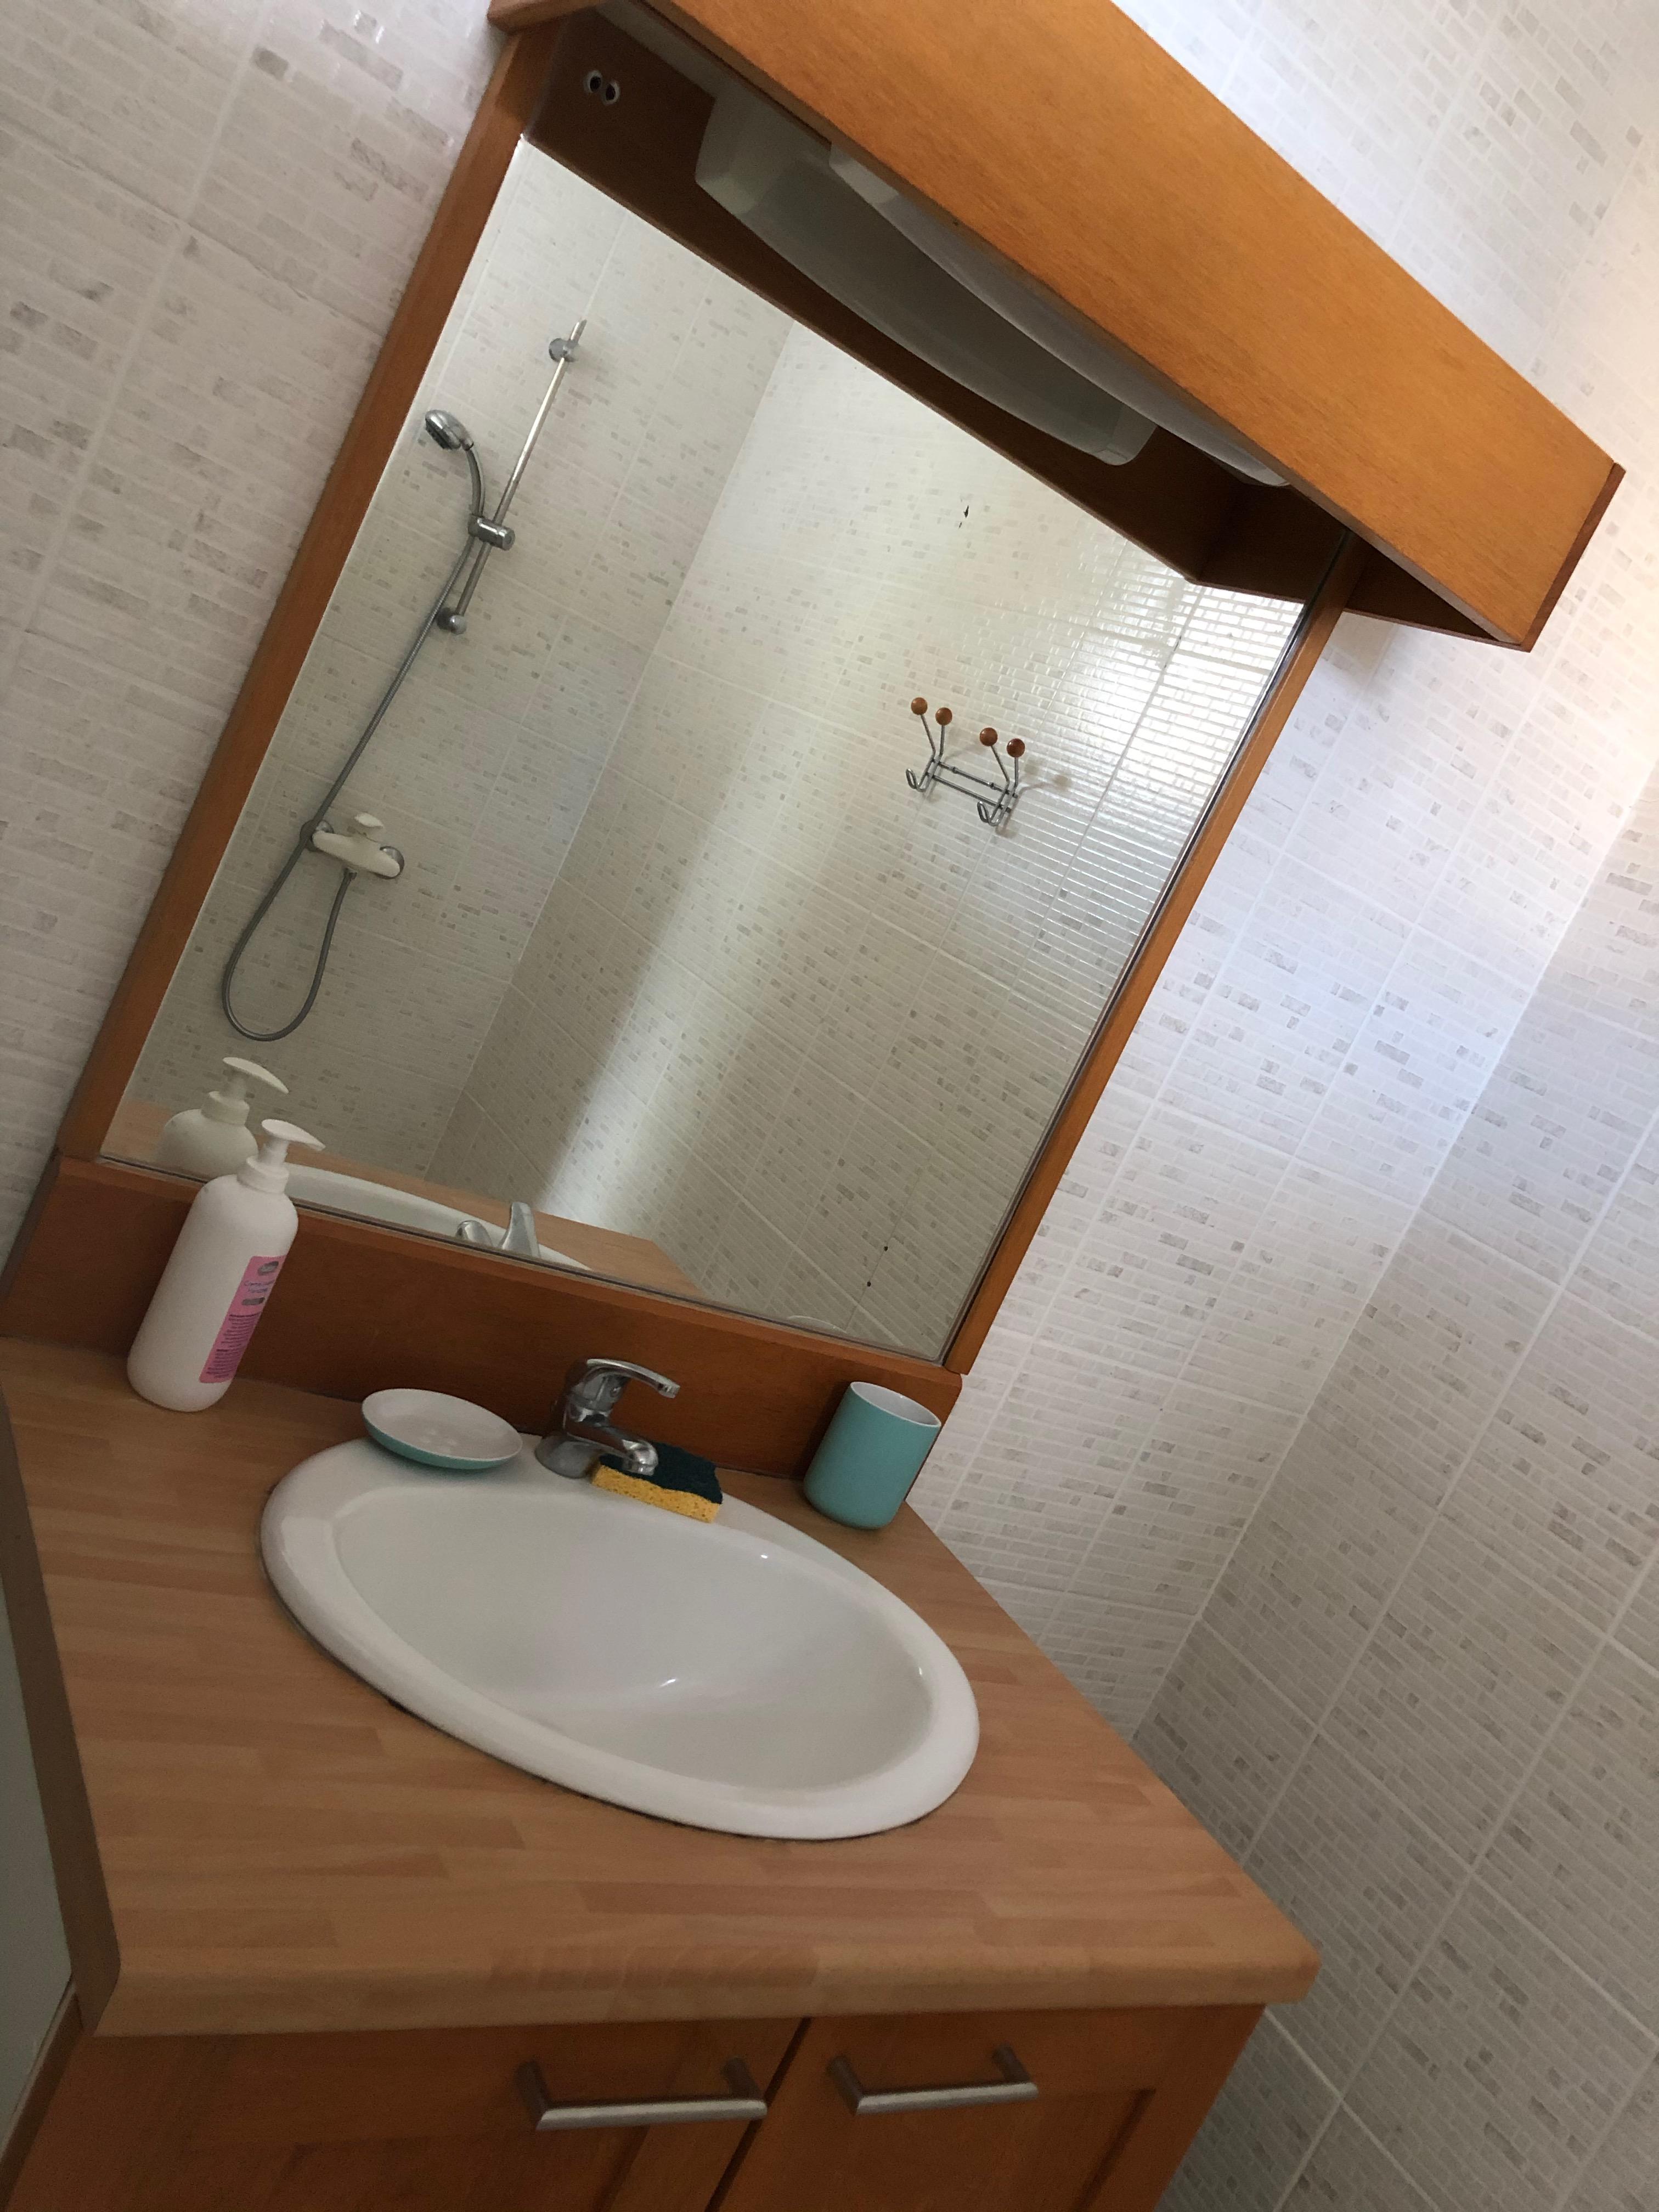 Vue de la salle de bain avec son meuble vasque, sa douche italienne et les toilettes